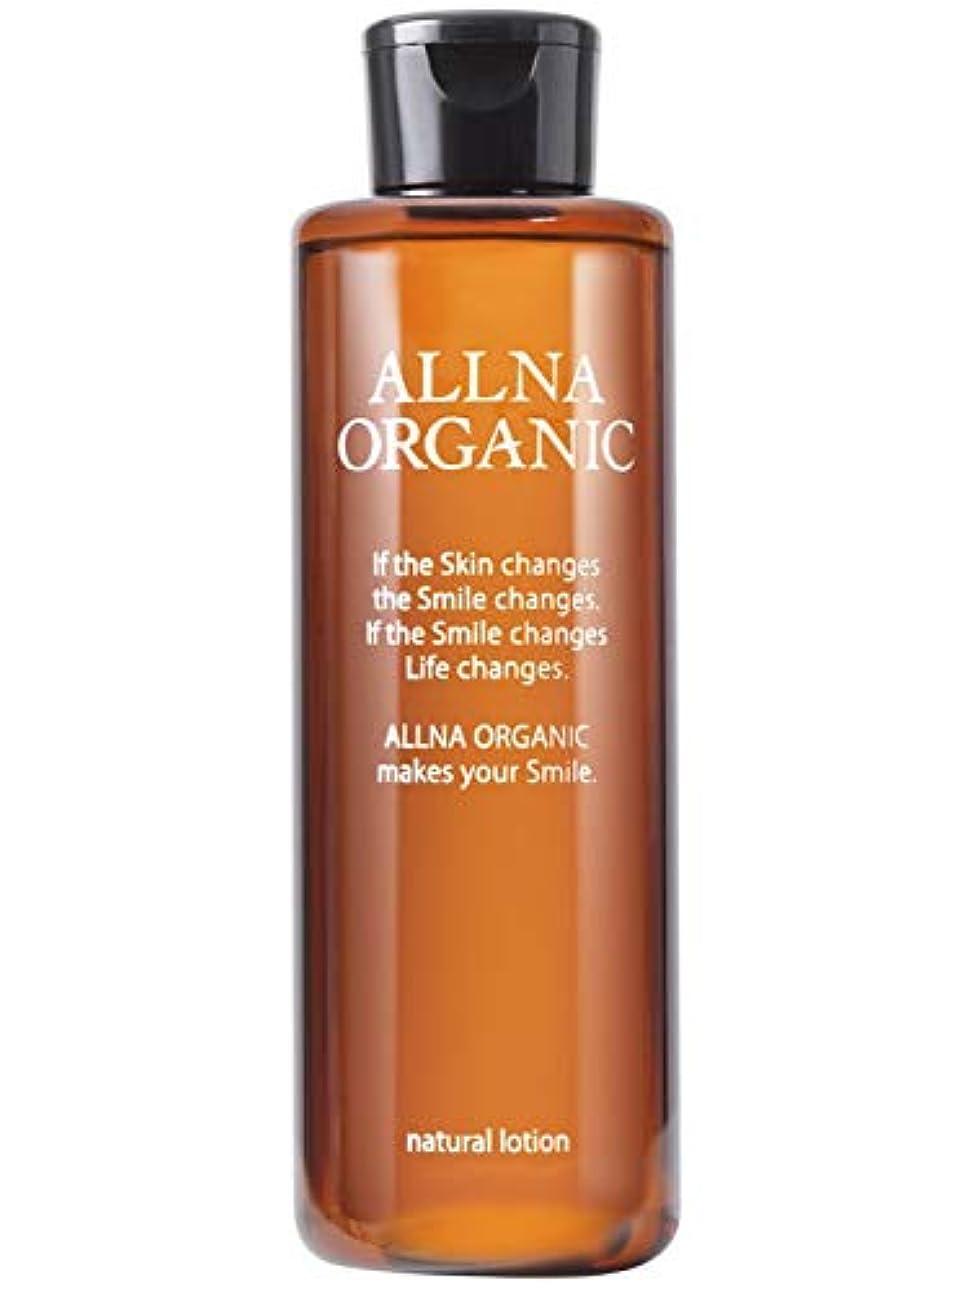 バブル膨らみお願いしますオルナ オーガニック 化粧水 「 保湿 乾燥 かさつき 用」「 コラーゲン ビタミンC誘導体 ヒアルロン酸 セラミド 配合」200ml